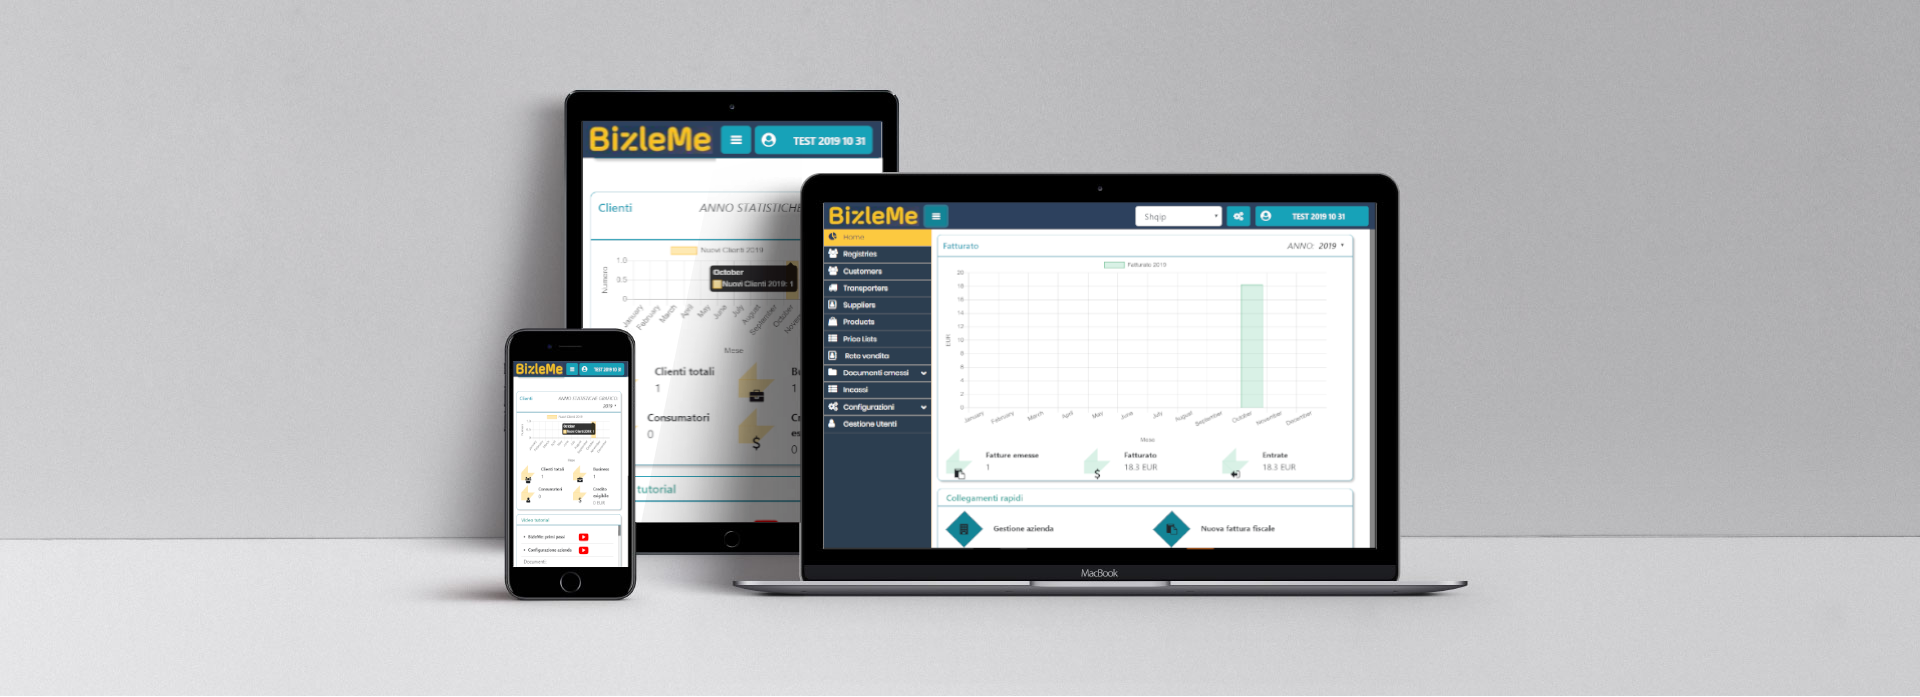 Immagini software gestionale online BizleMe da pc, tablet, smartphone. Applicazione che si adatta al dispositivo